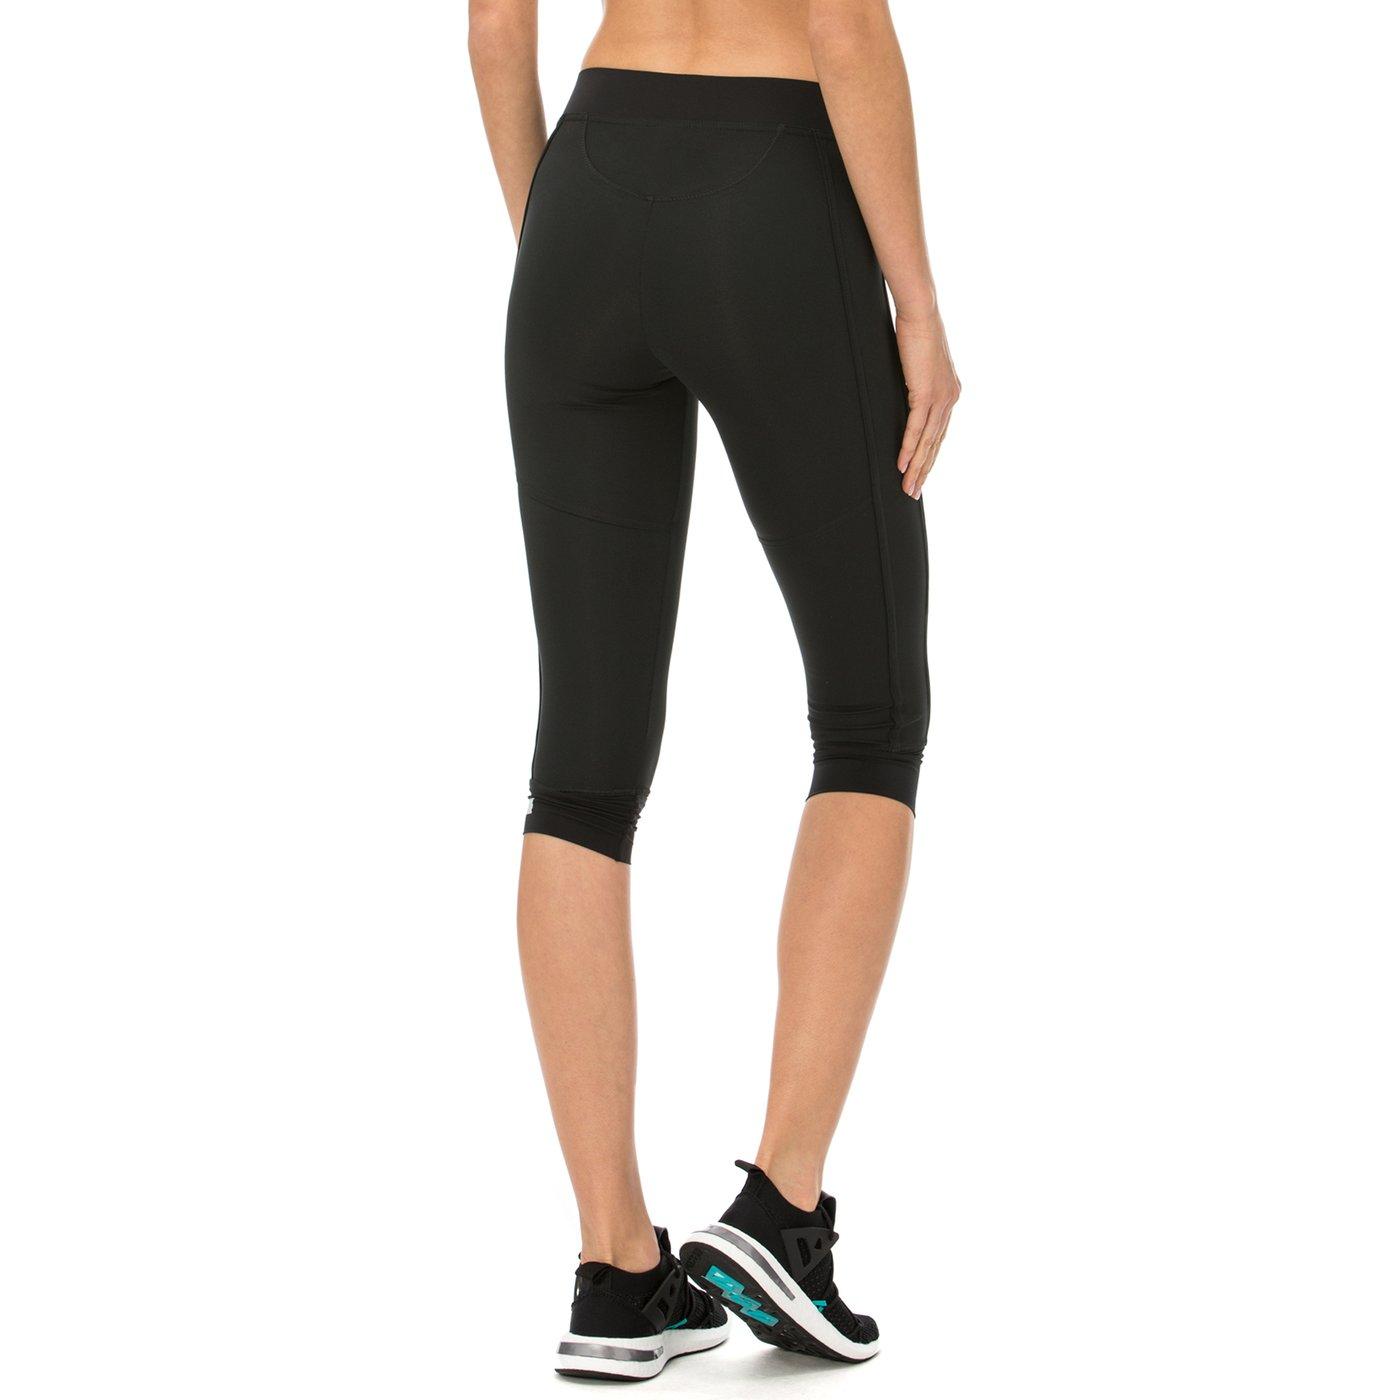 adidas 3/4 Stella McCartney Kadın Siyah Tayt